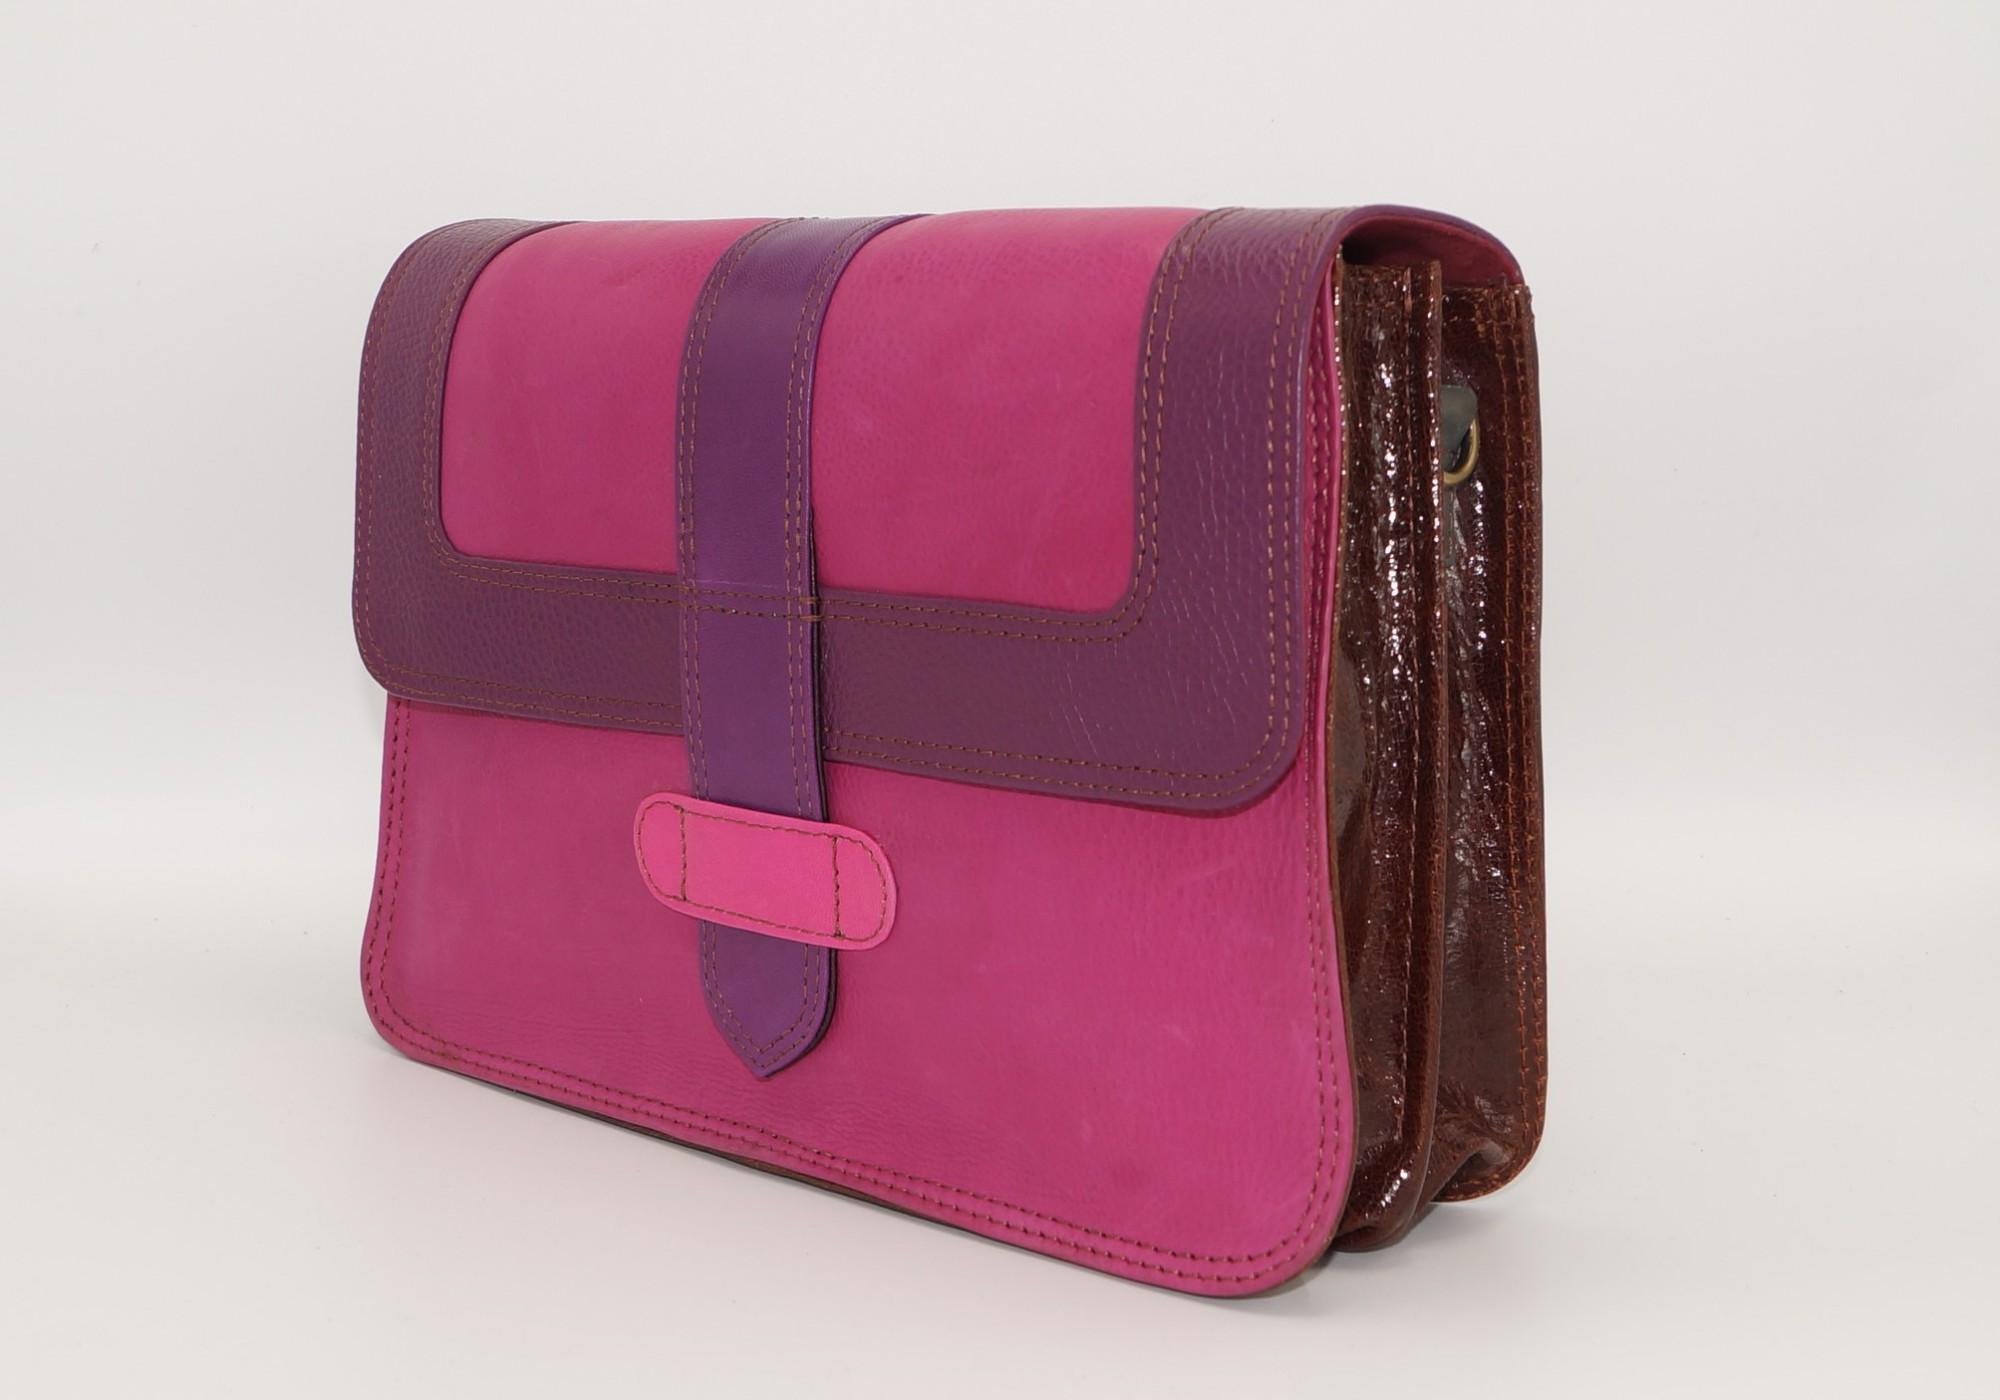 Women leather shoulder bag #14, unique women's bag